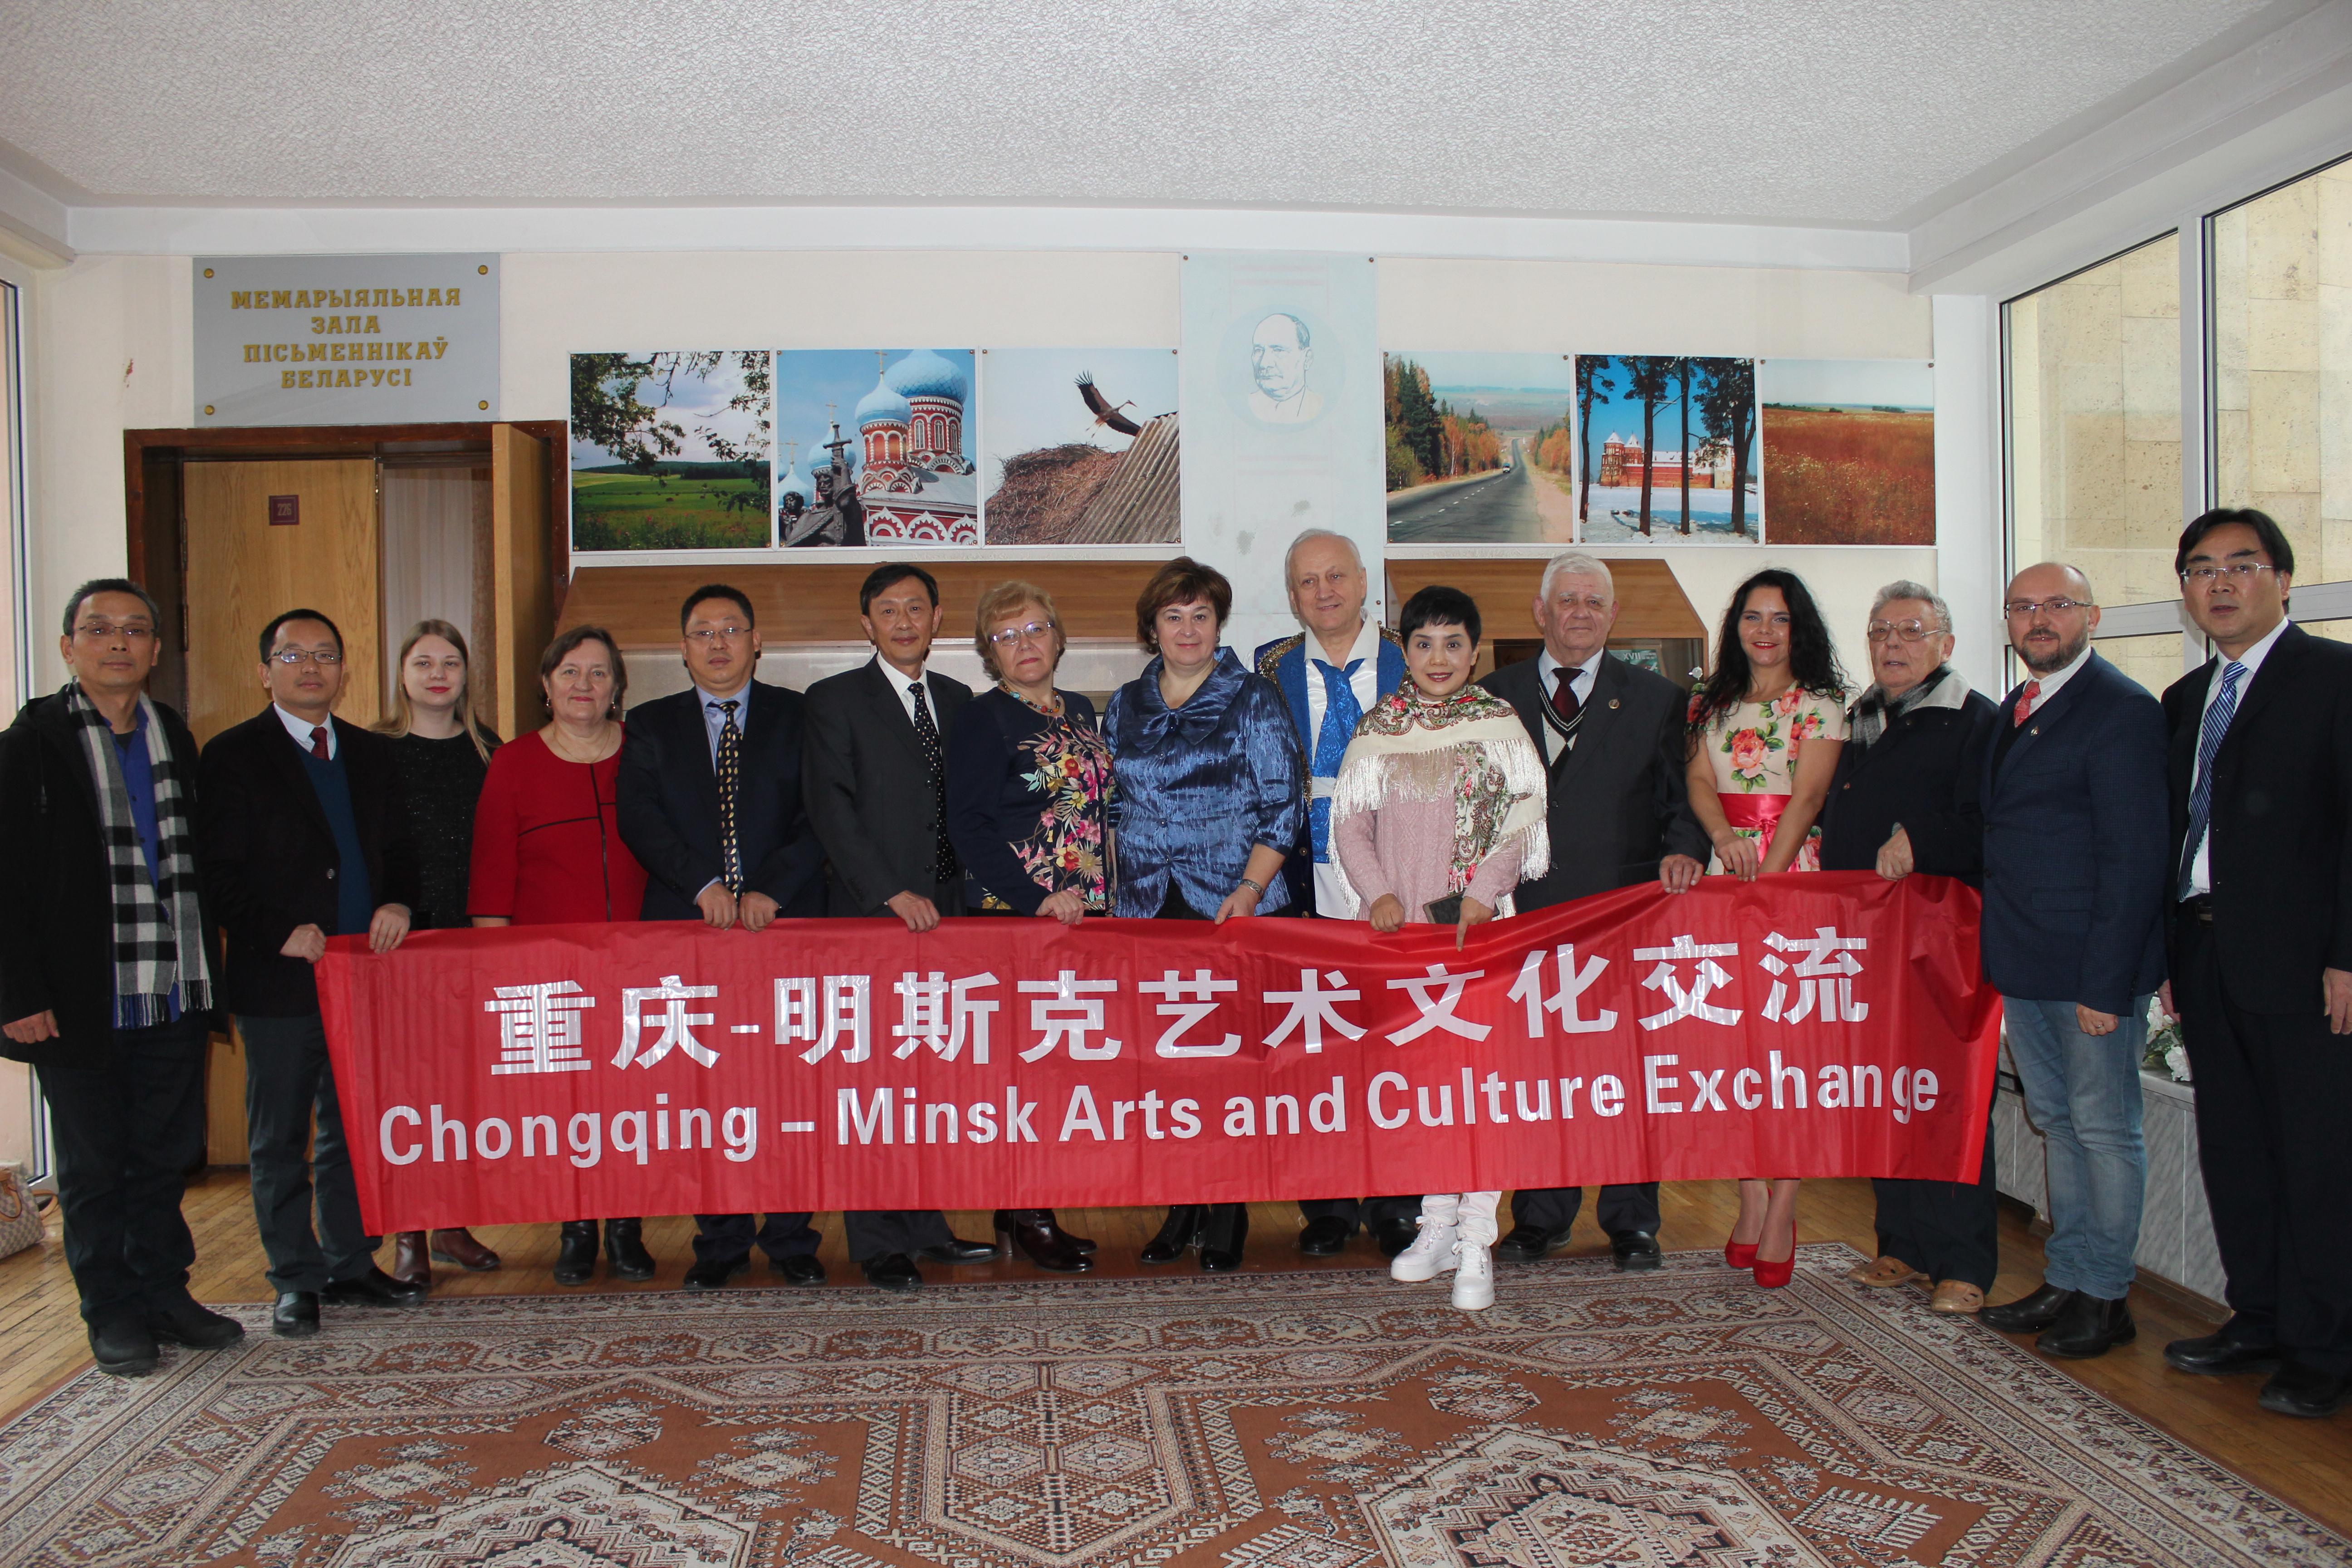 Минское областное отделение ОО «Союз писателей Беларуси и Чунцинская Федерация литературных и художественных кругов (Китай) подписали Соглашение о сотрудничестве